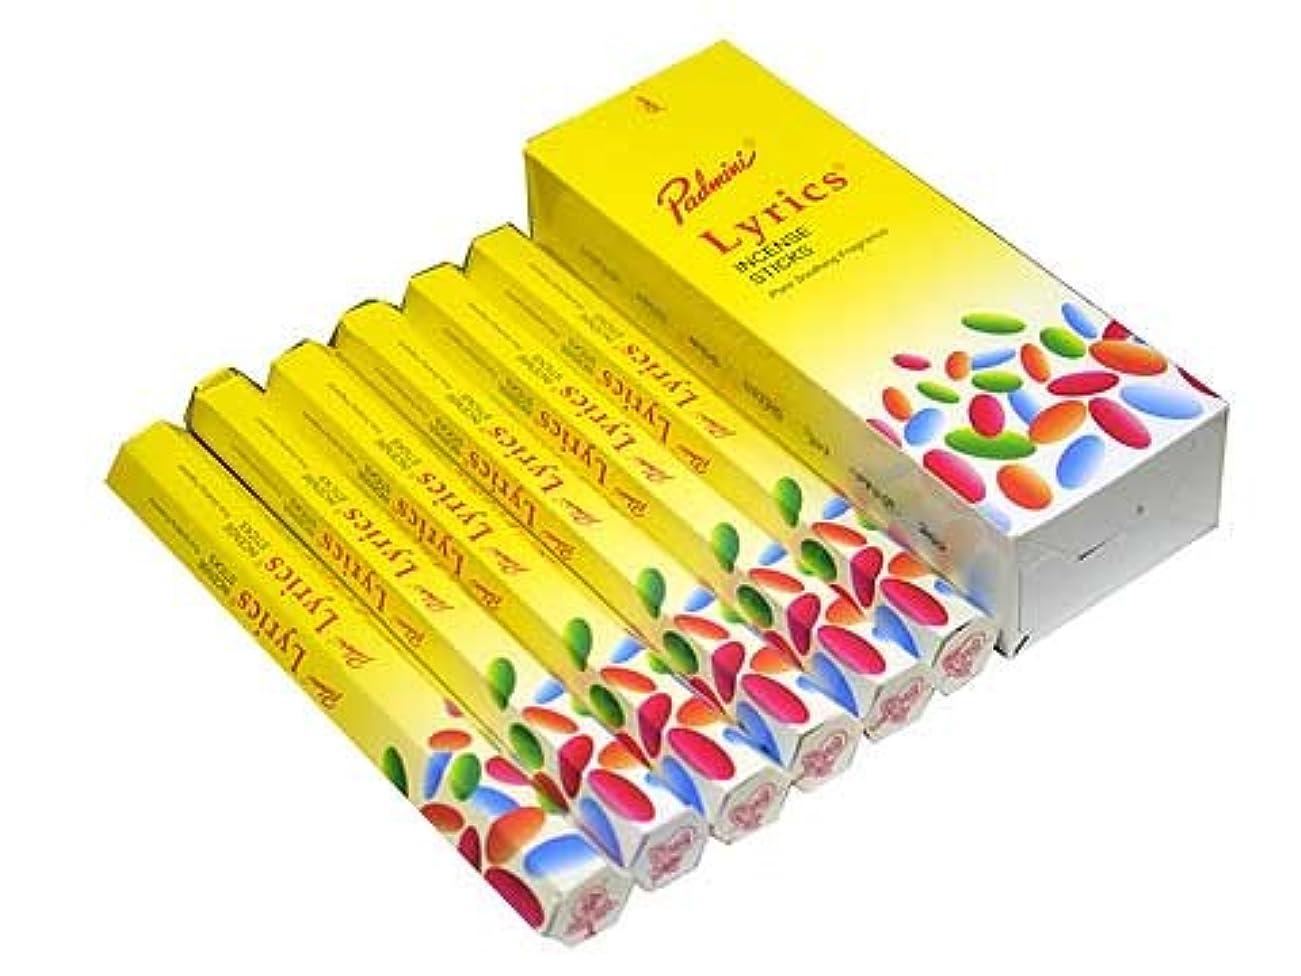 安西設置泥PADMINI(パドミニ) パドミニ リリックス香 スティック LYRICS 6箱セット